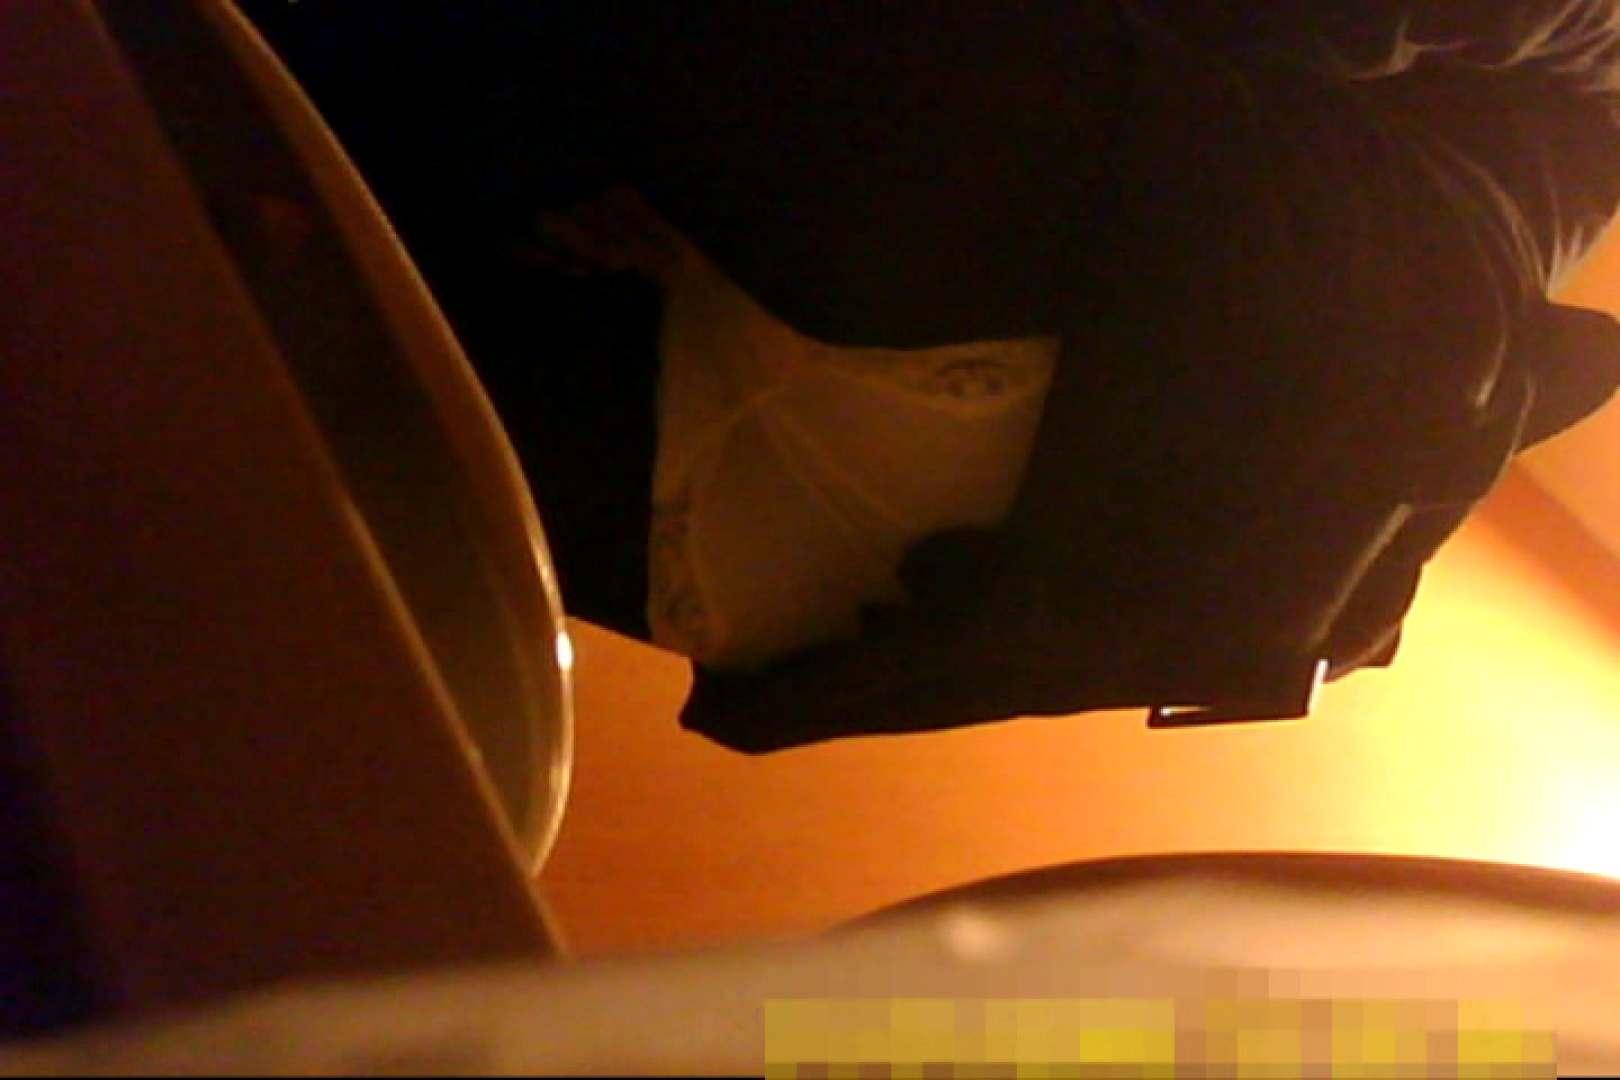 魅惑の化粧室~禁断のプライベート空間~vol.7 プライベート   独身エッチOL  89pic 28